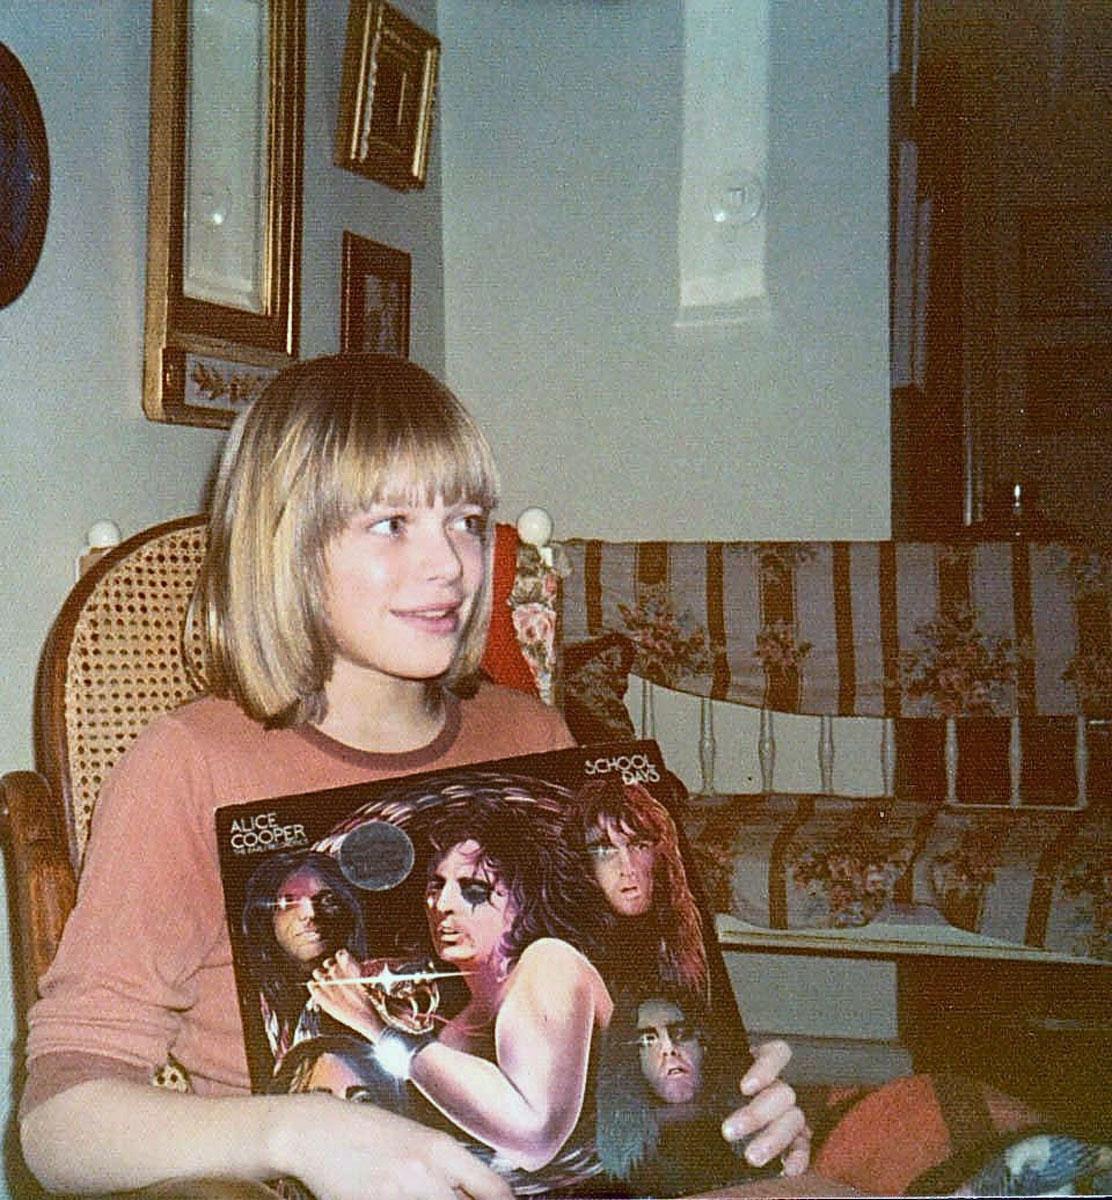 Michael Monroe kotonaan Töölössä 1070-luvun puolivälissä. Kädessään hän pitelee Alice Cooperin levyä.